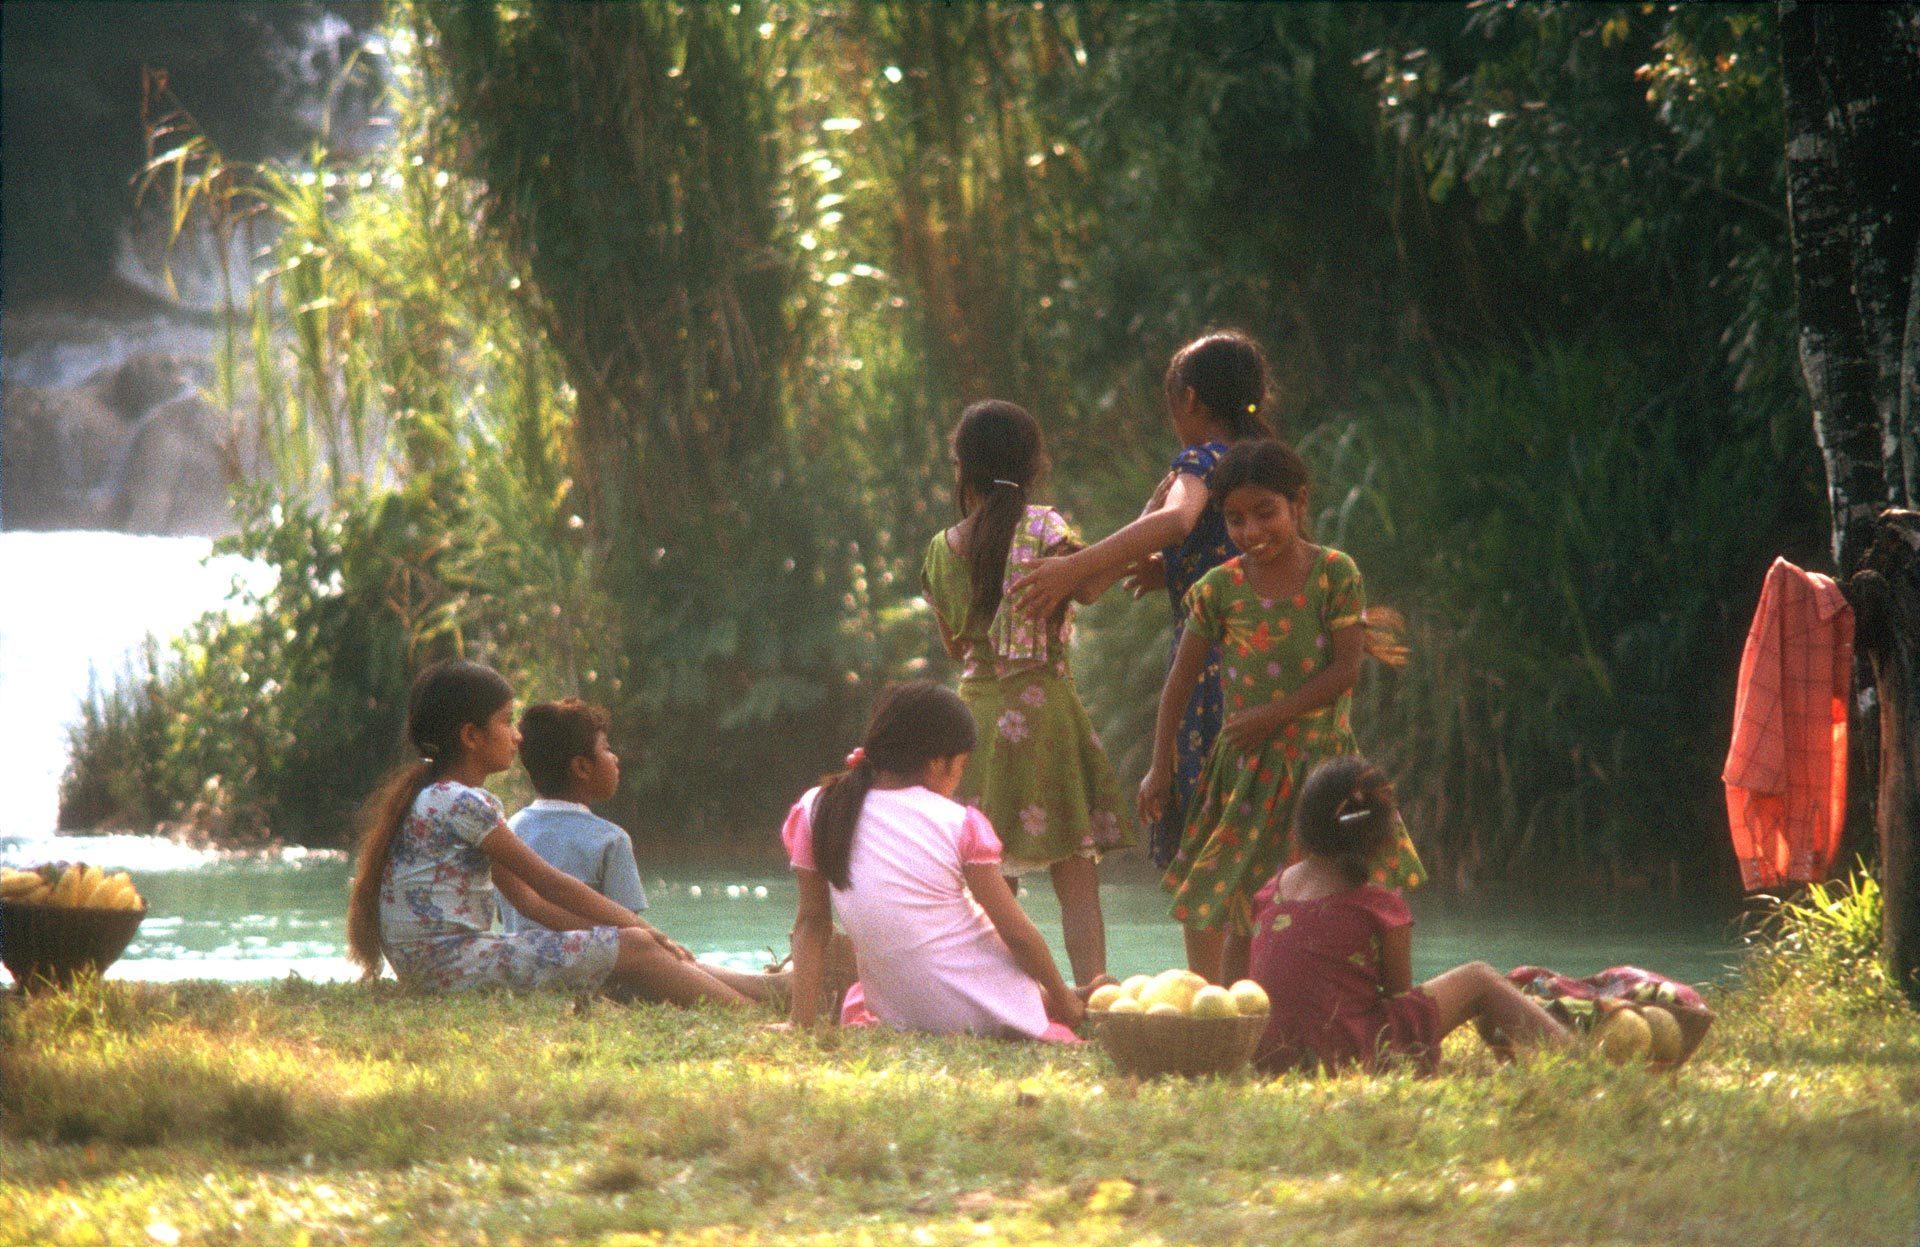 Obst verkaufende Kinder machen Pause im paradiesischen Aqua Azul. Es waren die besten Bananen, die ich jemals gegessen habe – Fruit selling children take a break in the paradisiacal Aqua Azul, best bananas ever...